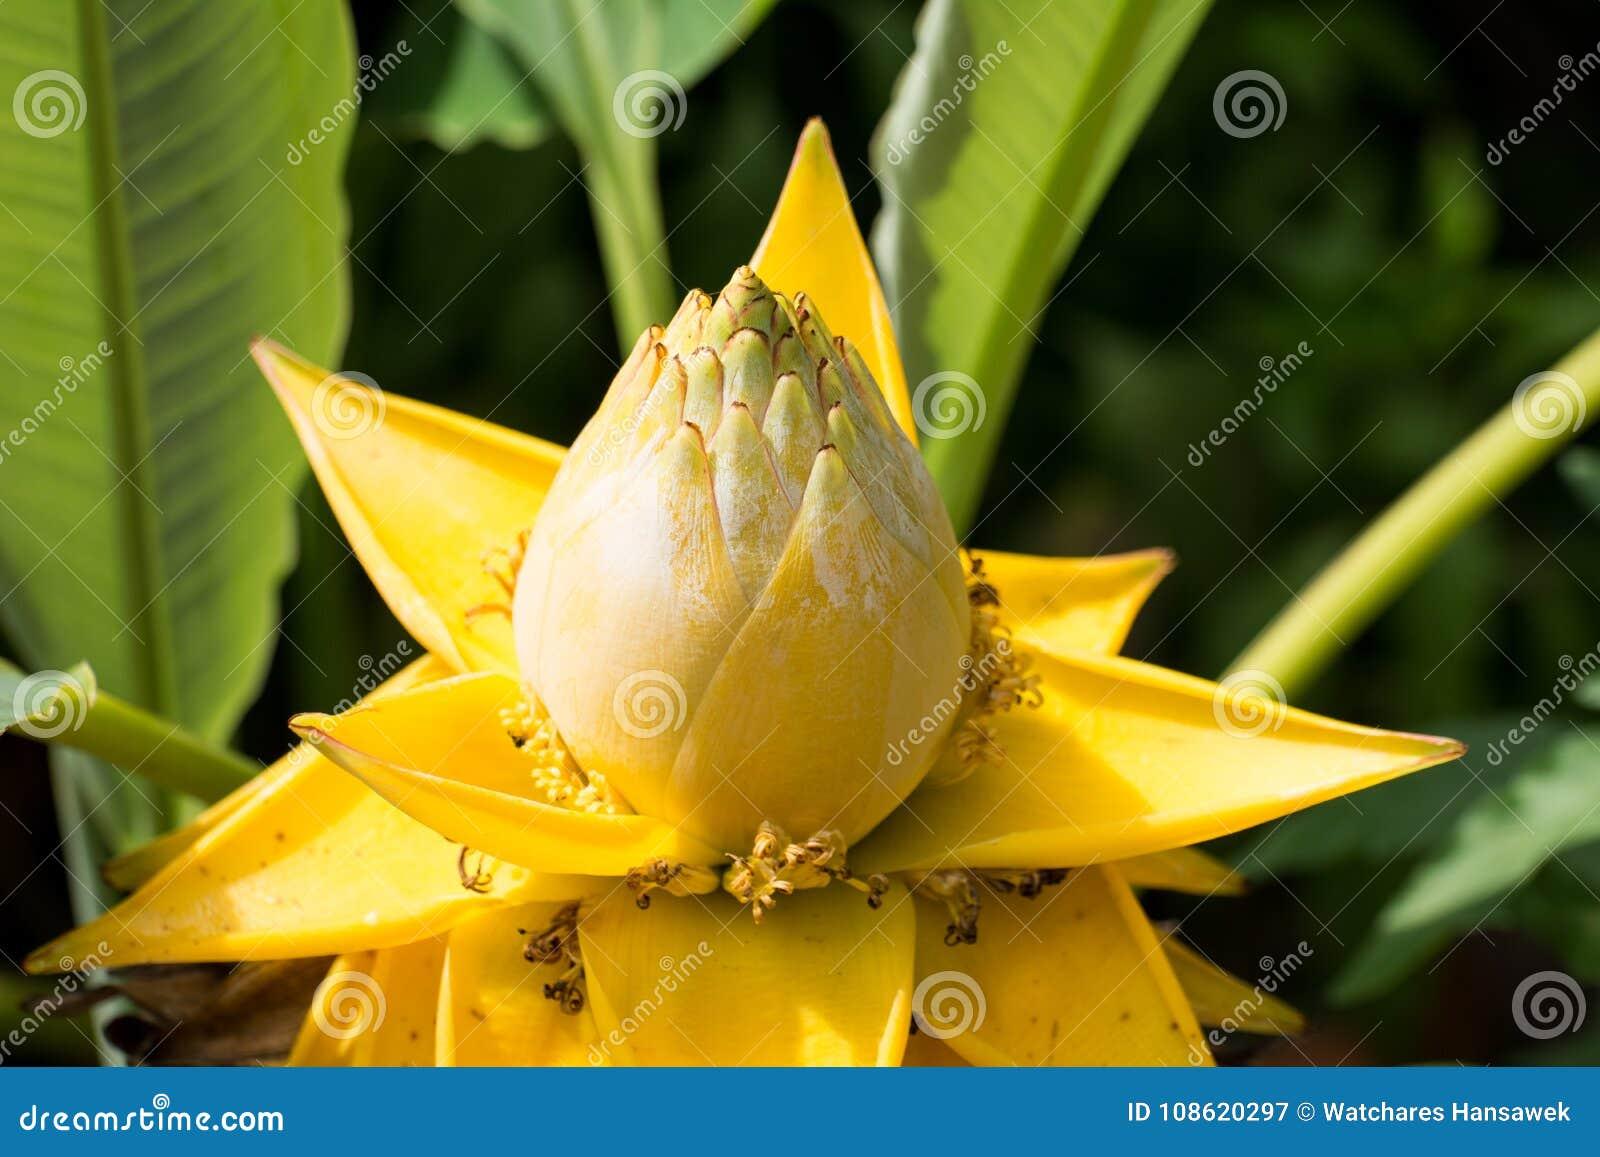 Amazing lotus flowerse big yellow lotus flowersthailand stock amazing lotus flowerse big yellow lotus flowersthailand mightylinksfo